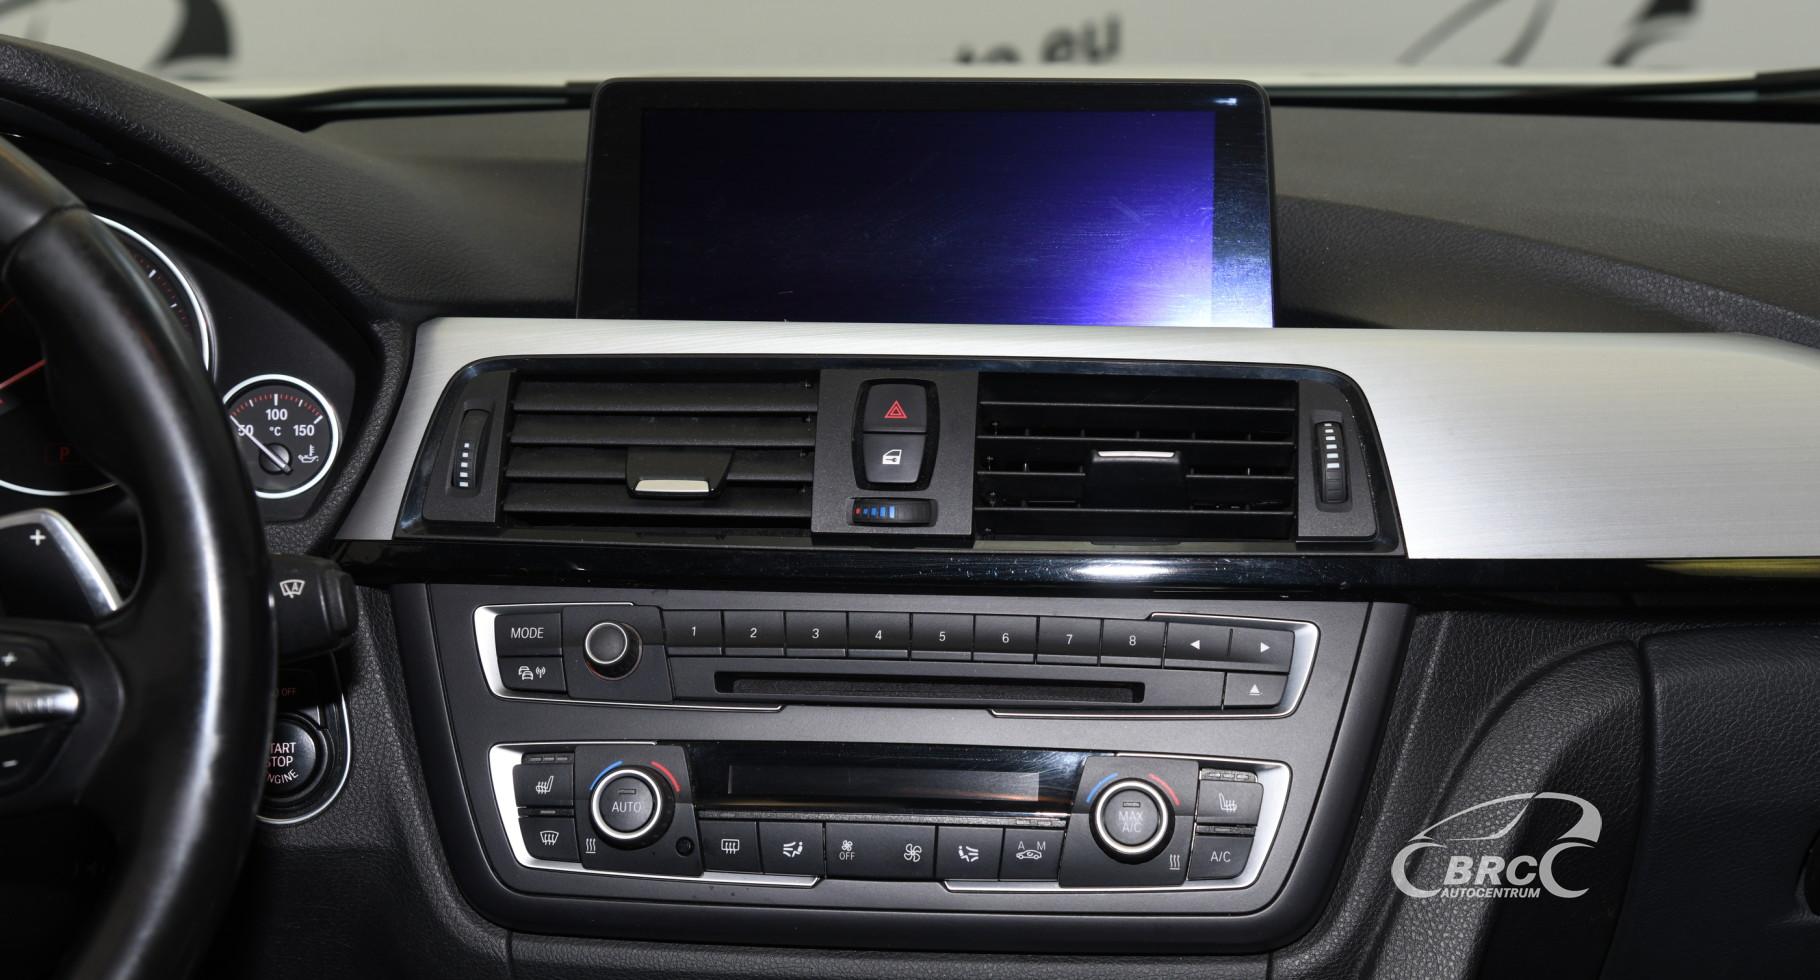 BMW 320 d M-paket Automatas